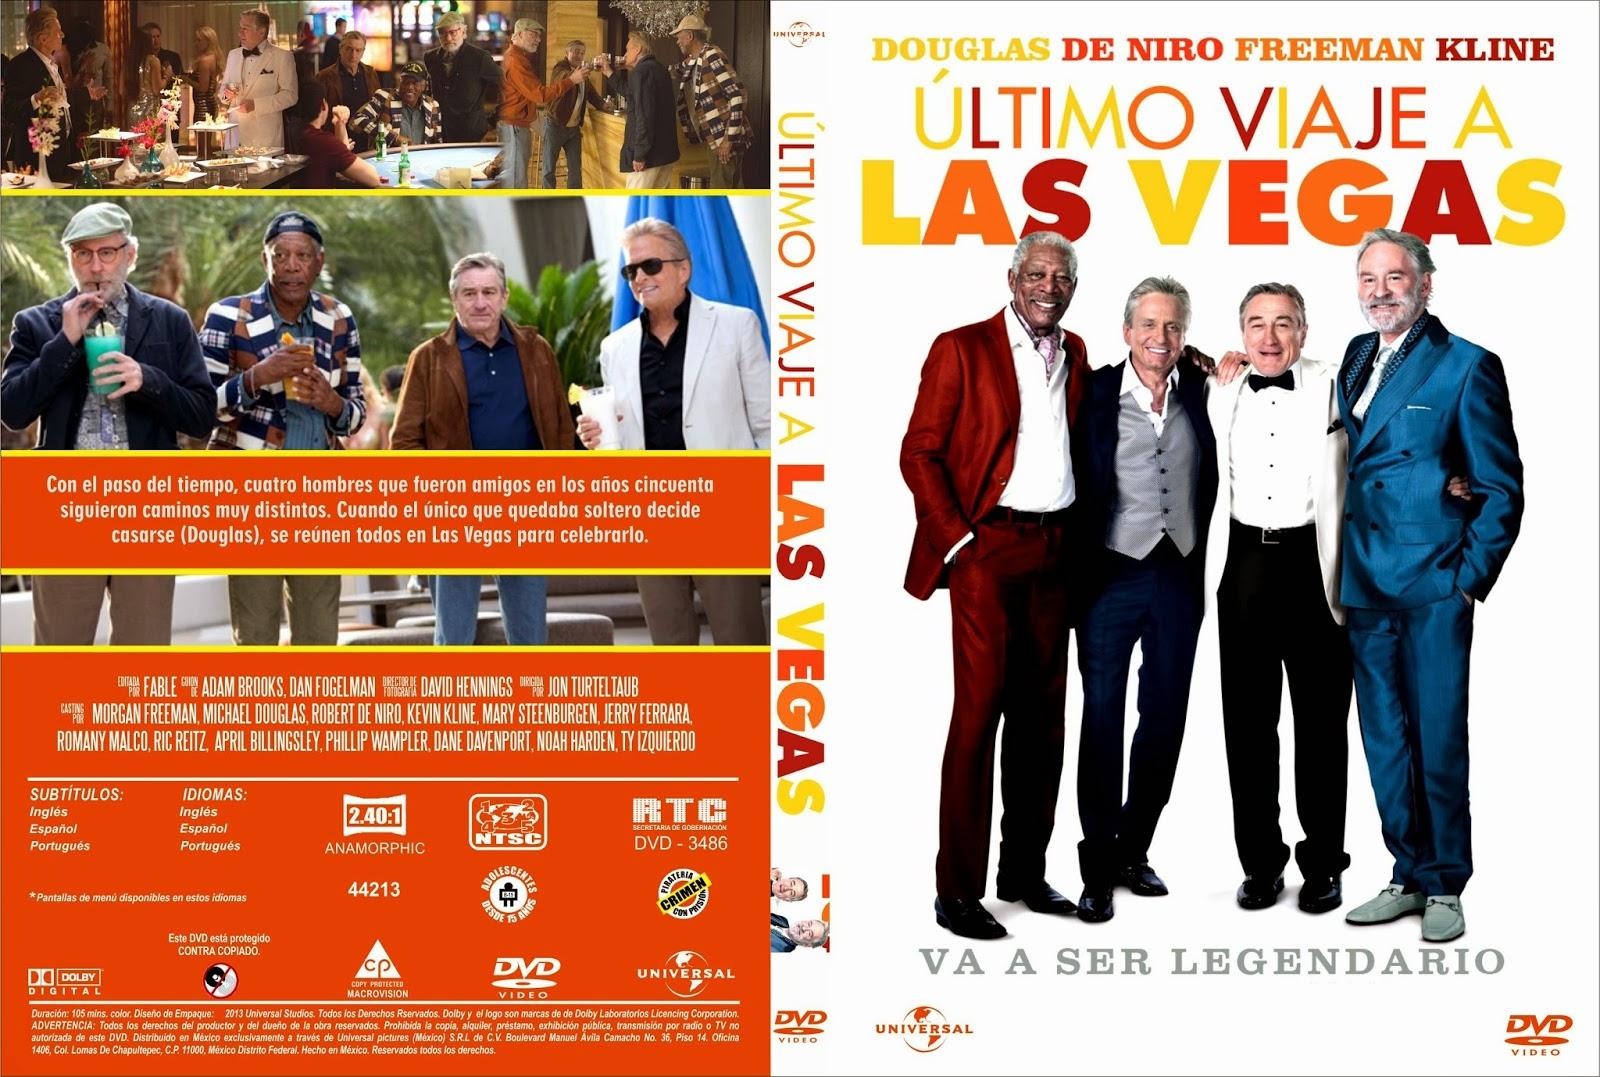 Un Viaje único Las Vegas: Riodvd: Ultimo Viaje A Las Vegas